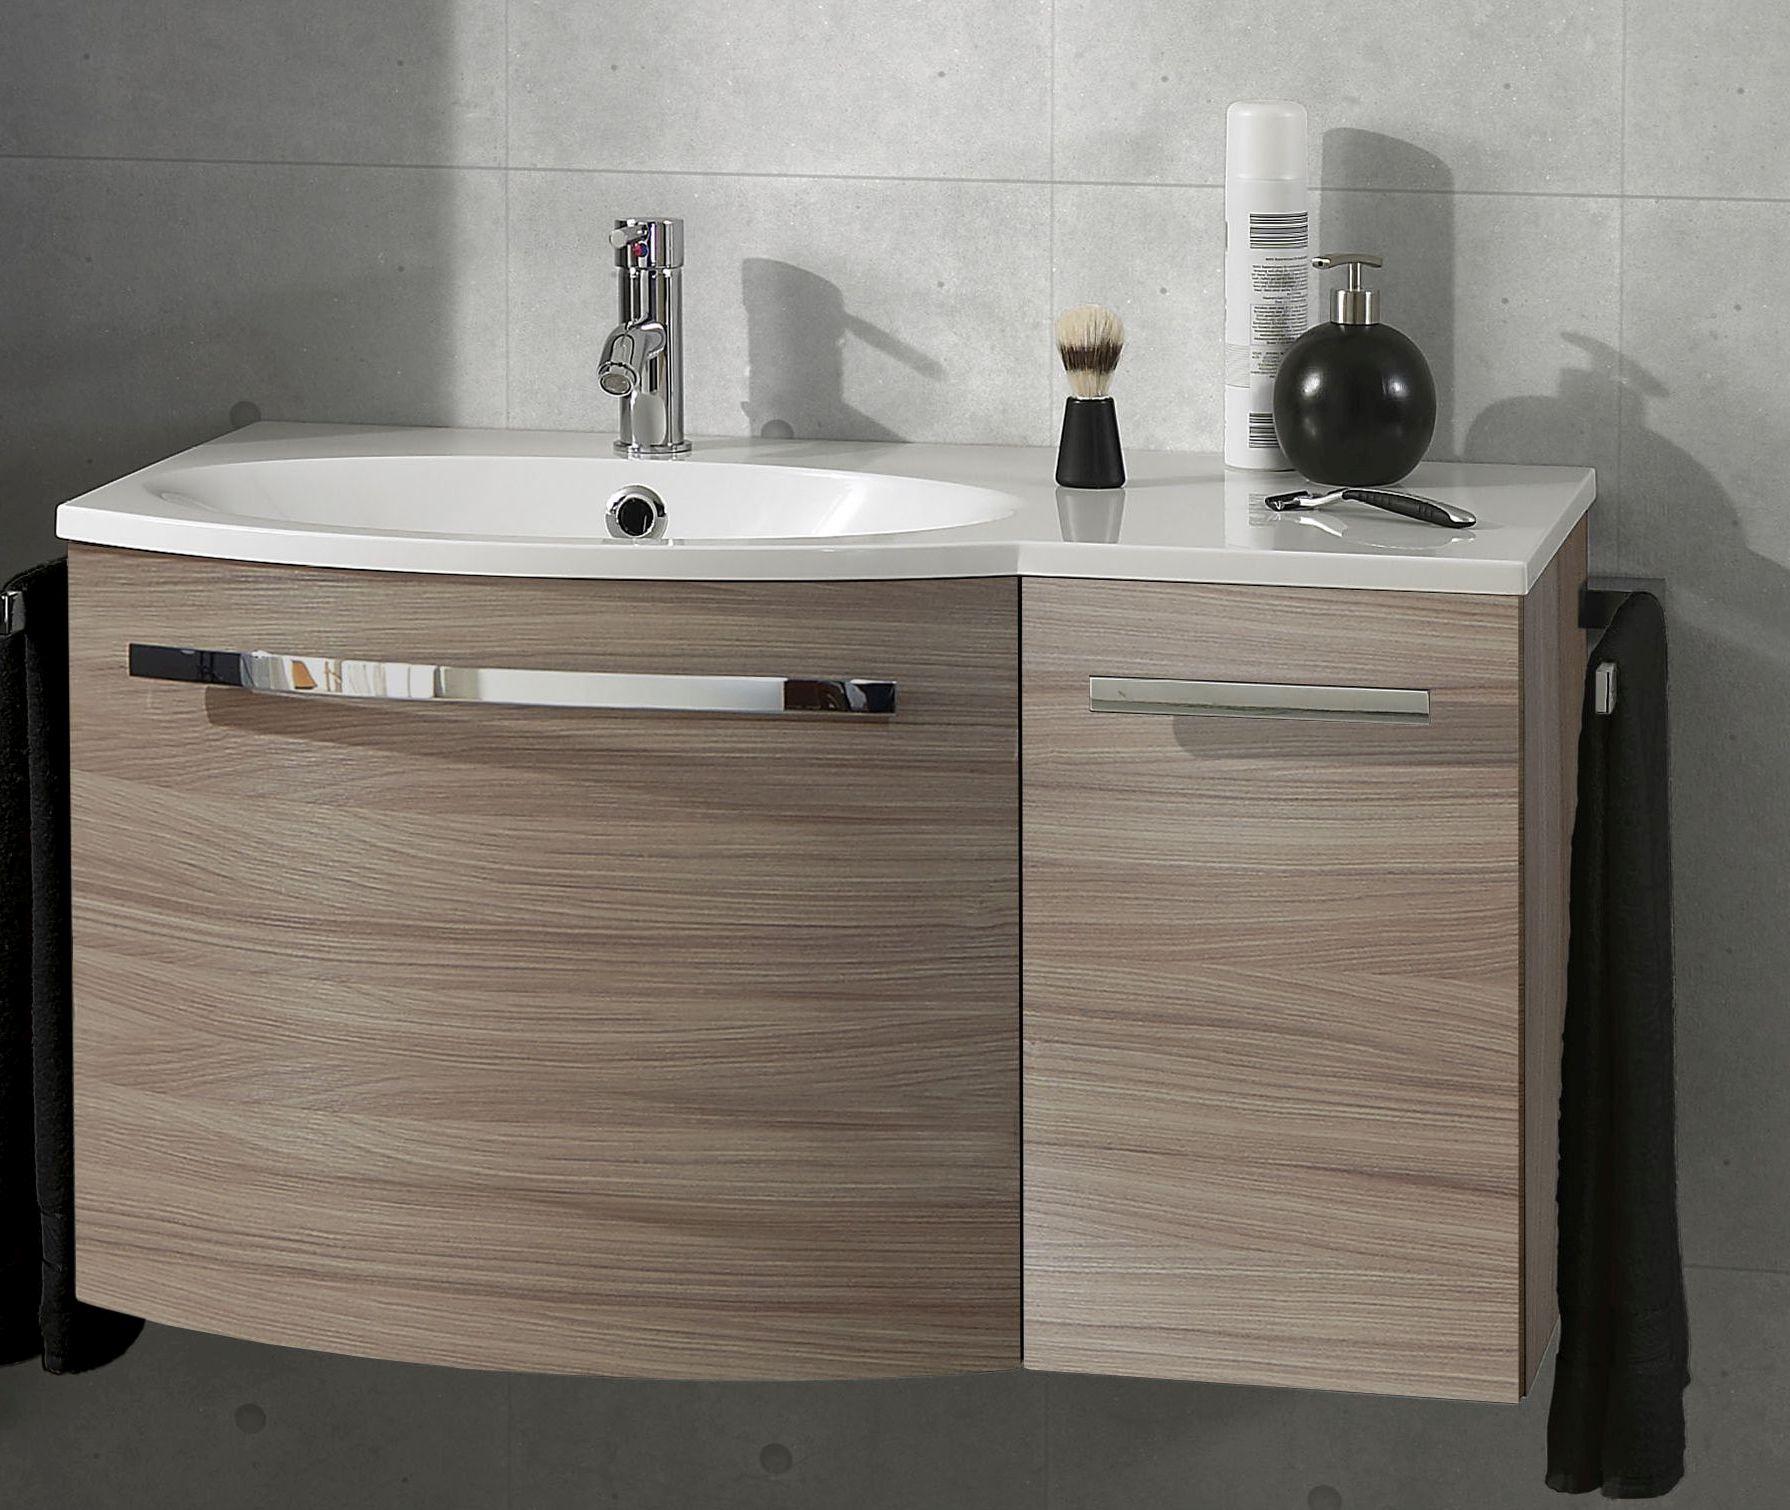 marlin bad 3090 cosmo waschtisch mit unterschrank 90 4 cm breit becken links badm bel 1. Black Bedroom Furniture Sets. Home Design Ideas